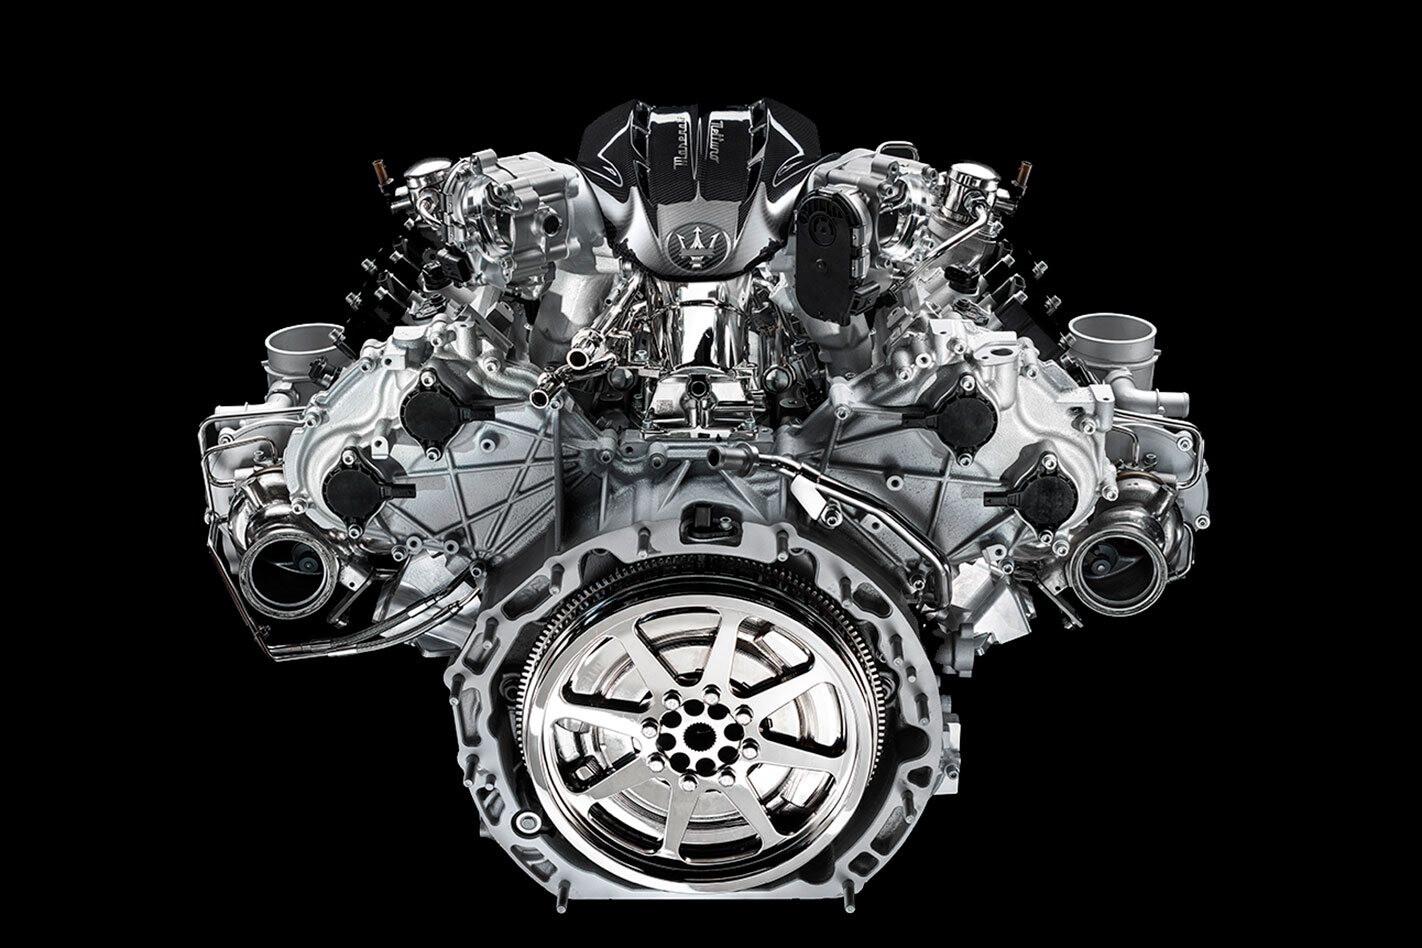 2021 Maserati MC20 Nettuno V6 engine